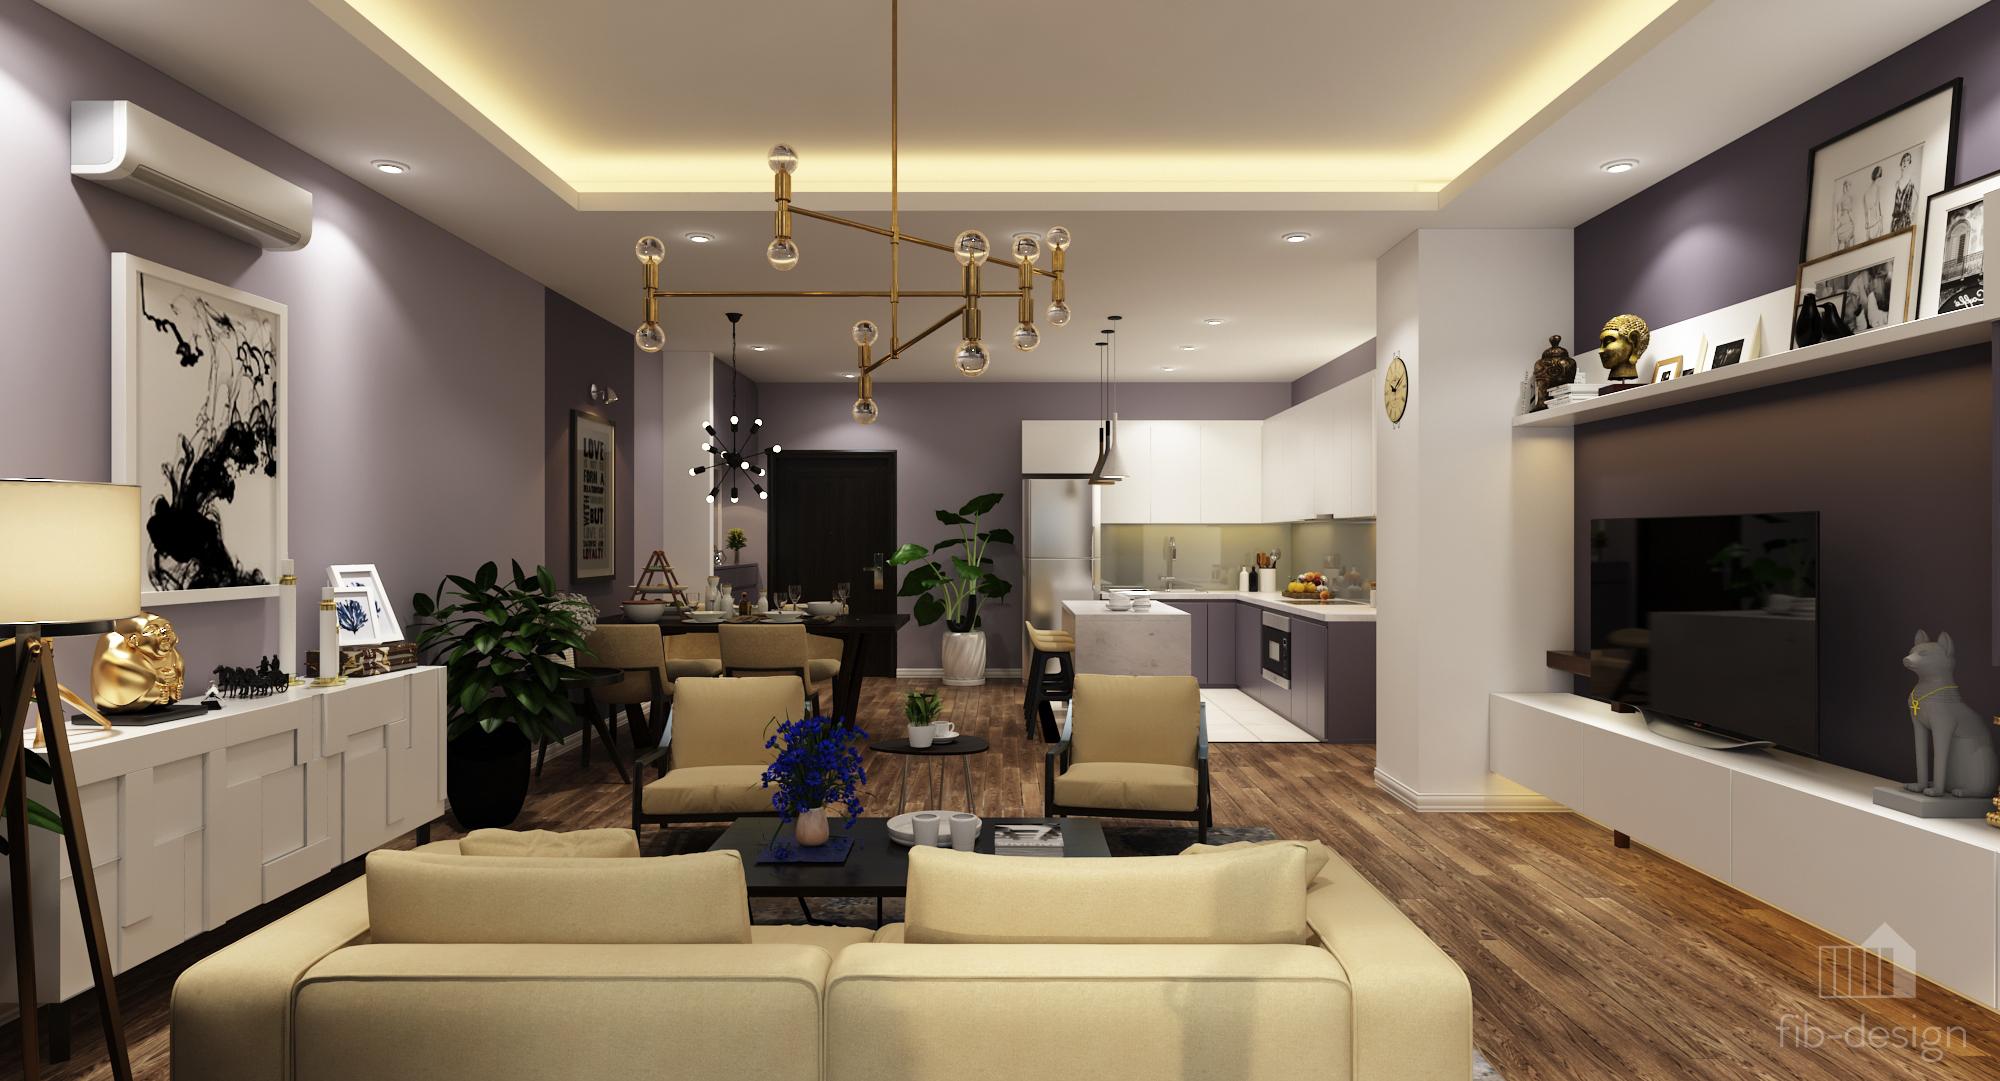 thiết kế nội thất chung cư tại Hà Nội P714 Chung cư GOLDSiLK 2 1544083439